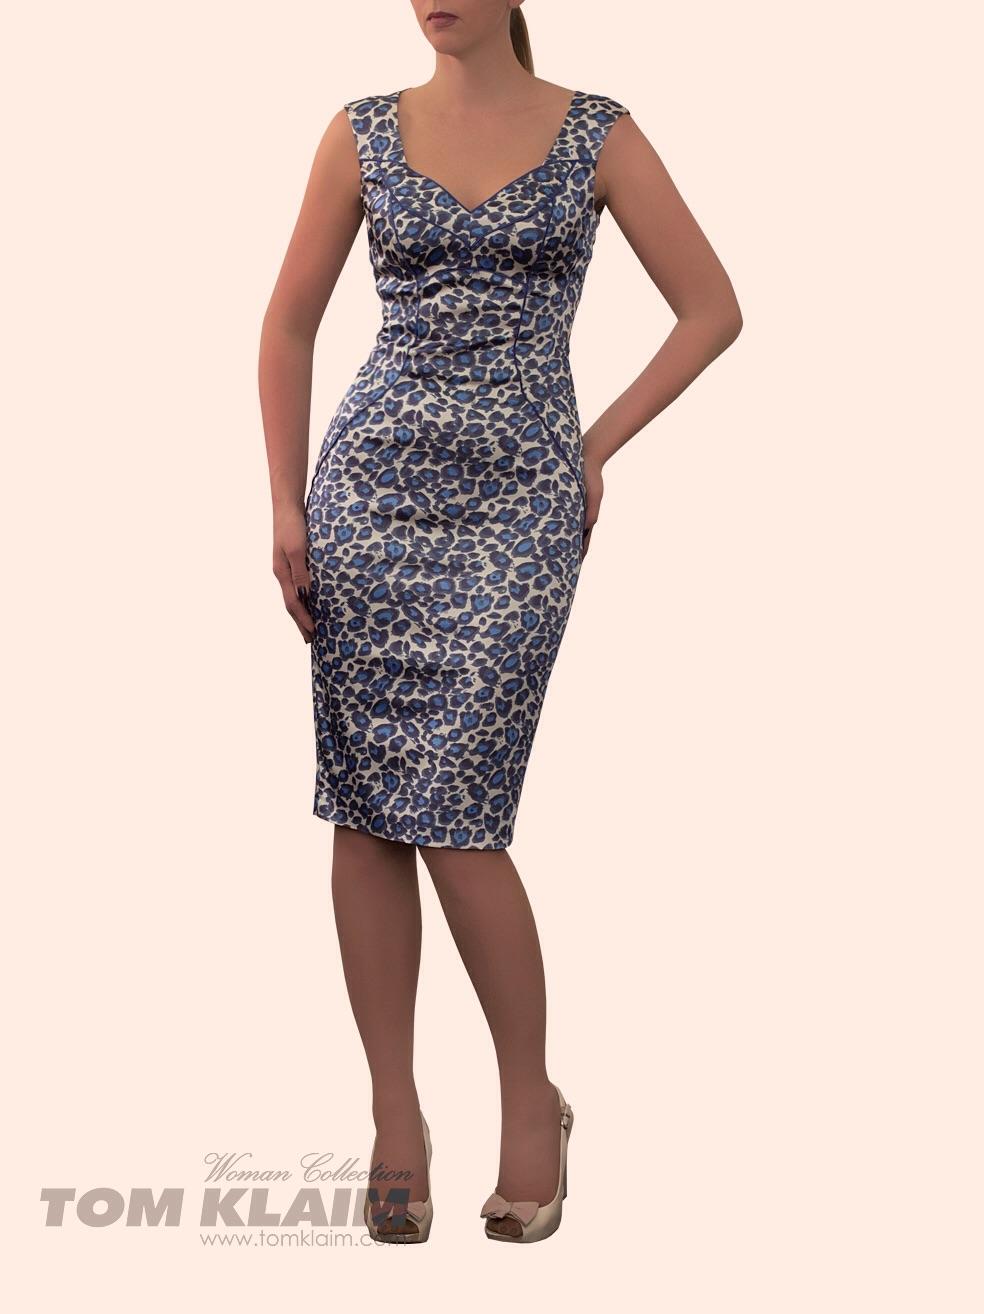 Платье Том Клайм Tom klaim